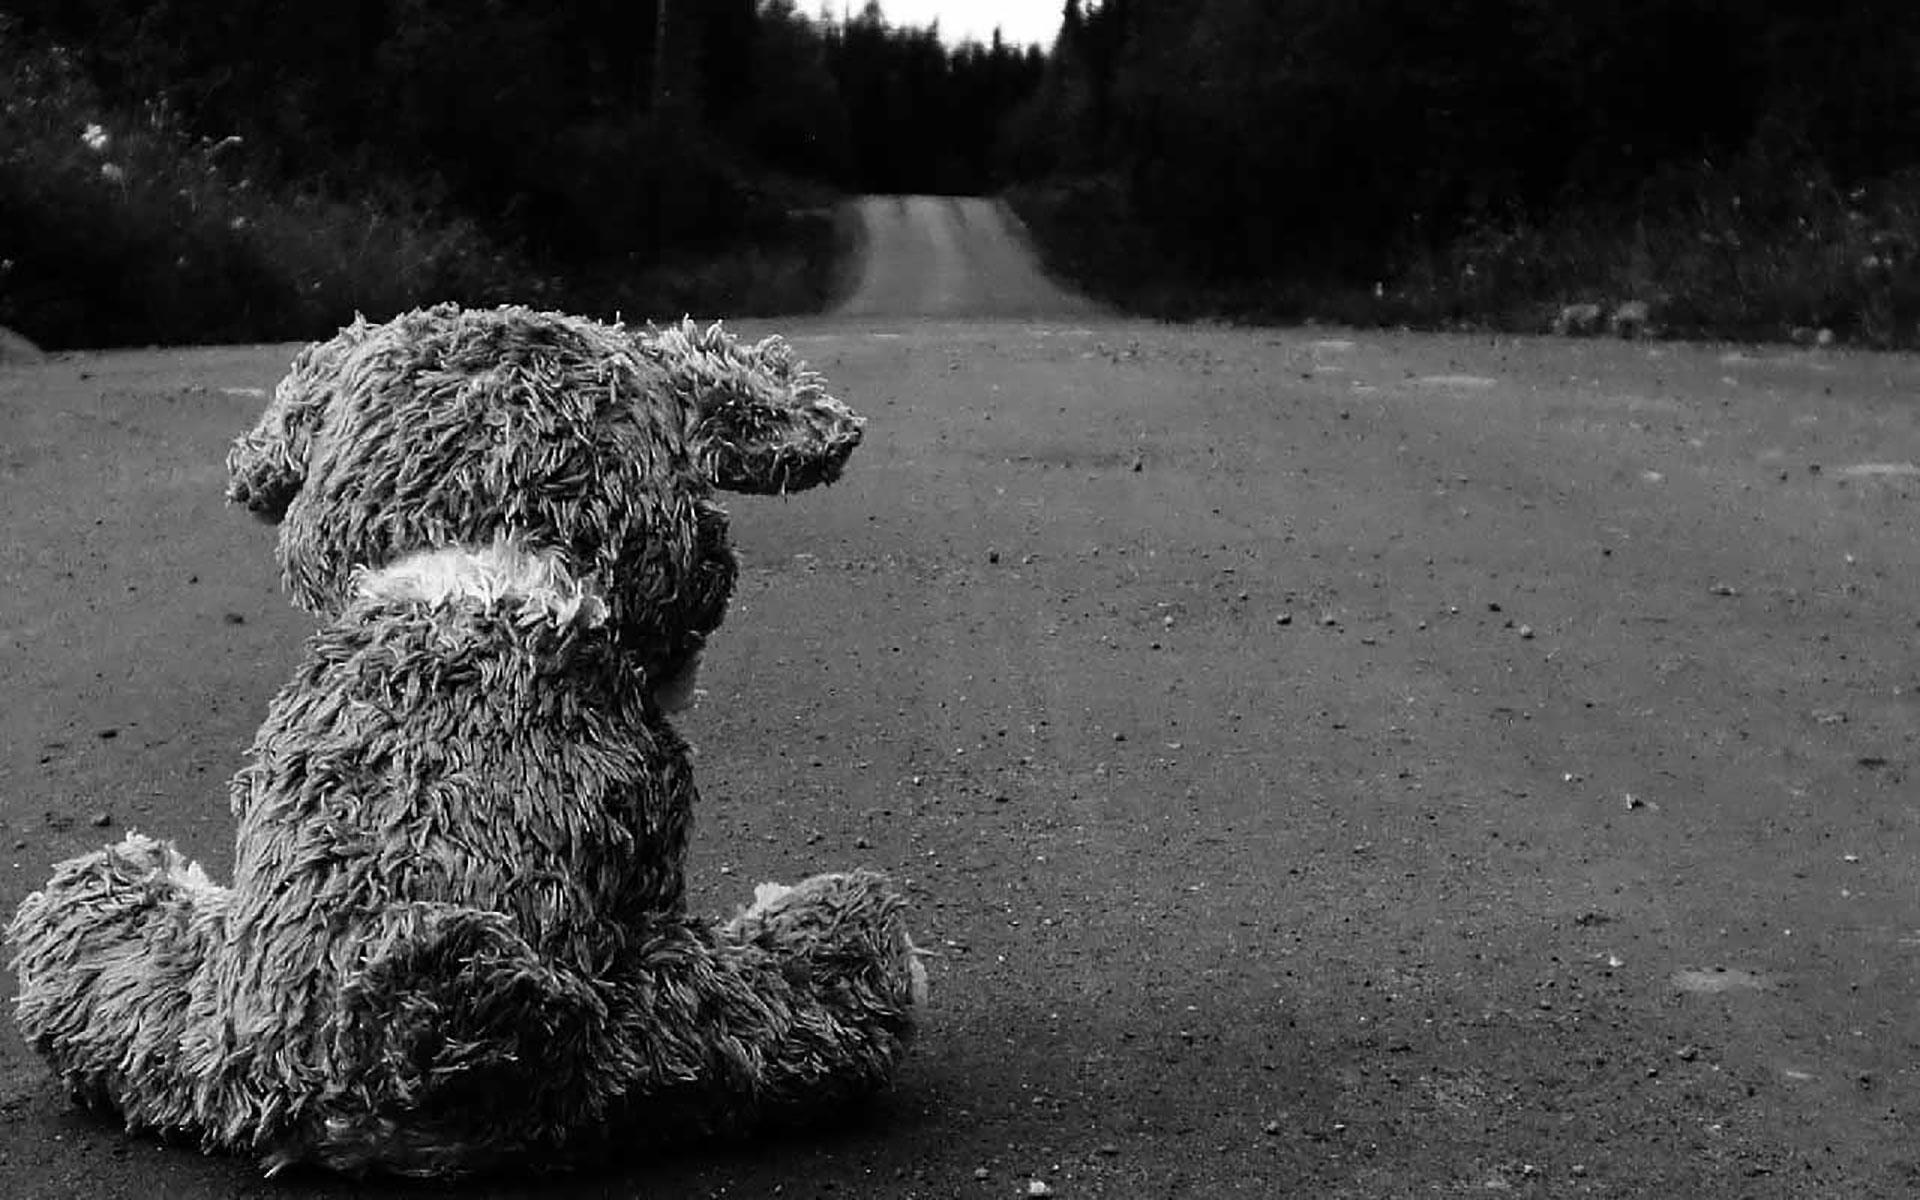 Hình nền buồn cô đơn